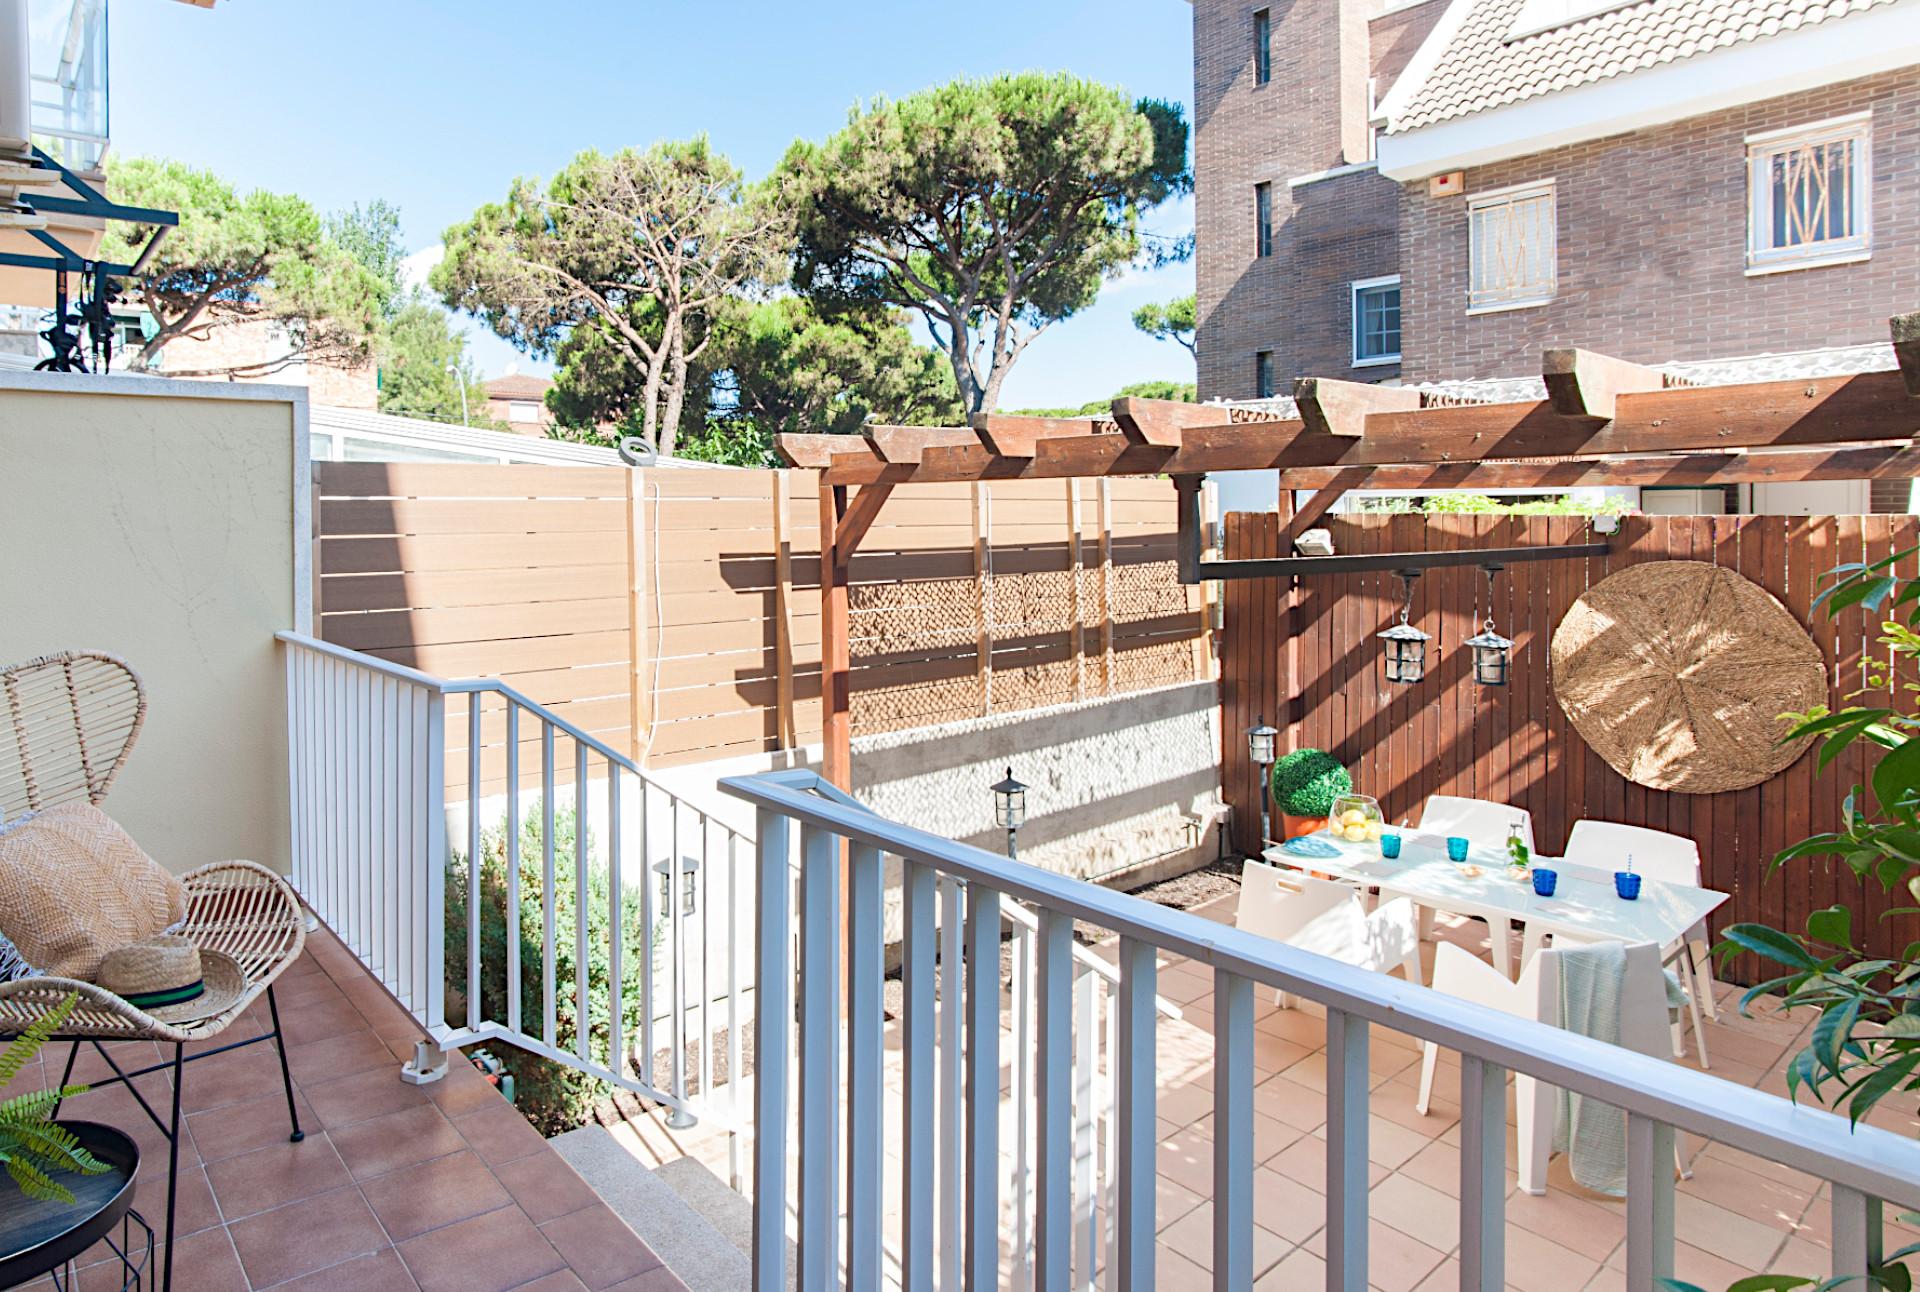 Casa en venta con patio